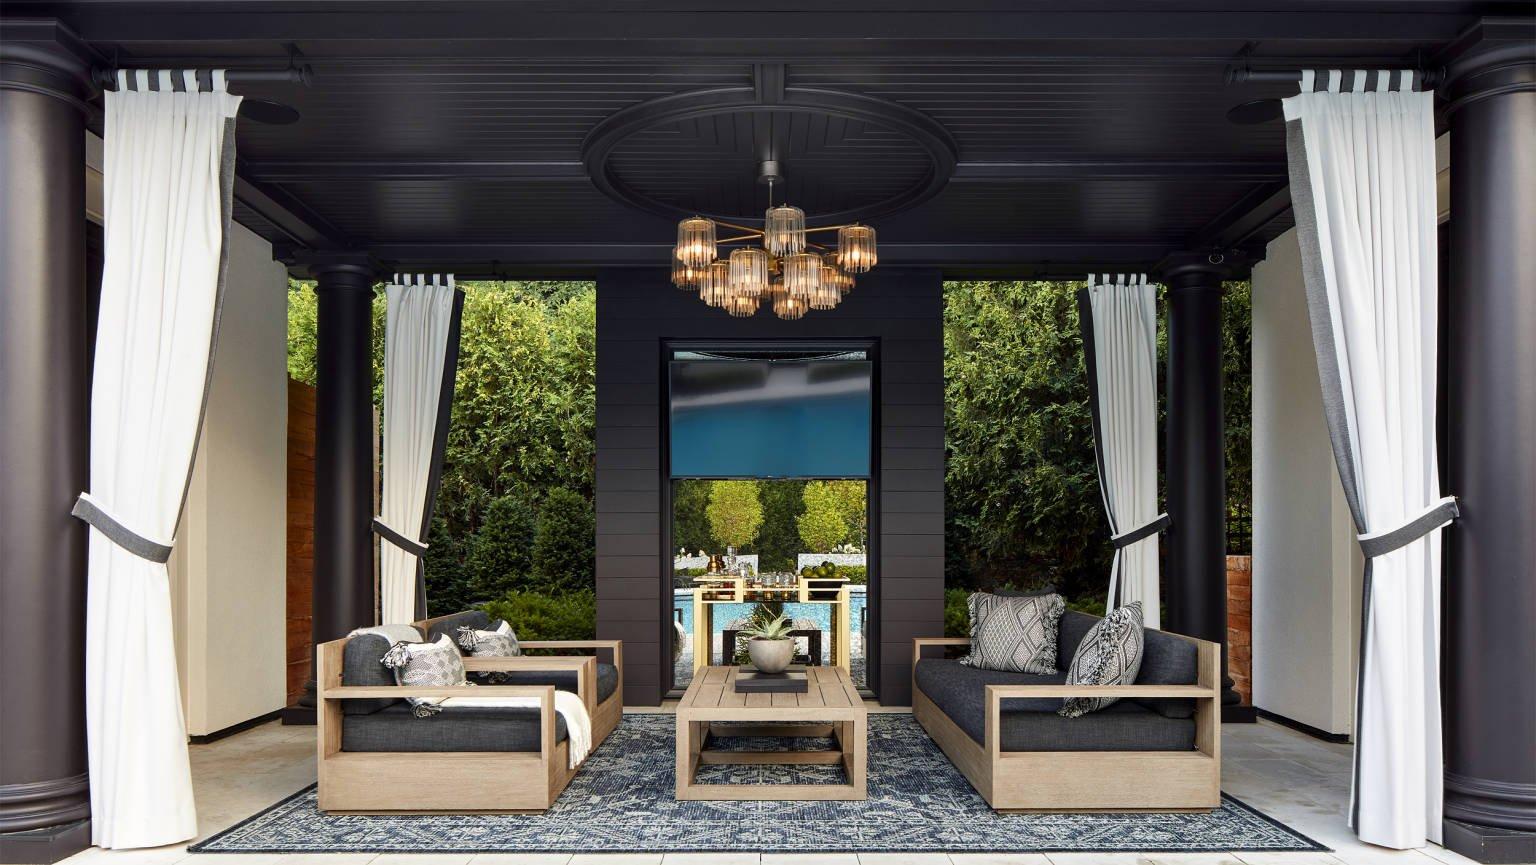 cabana interior by Charlie & Company